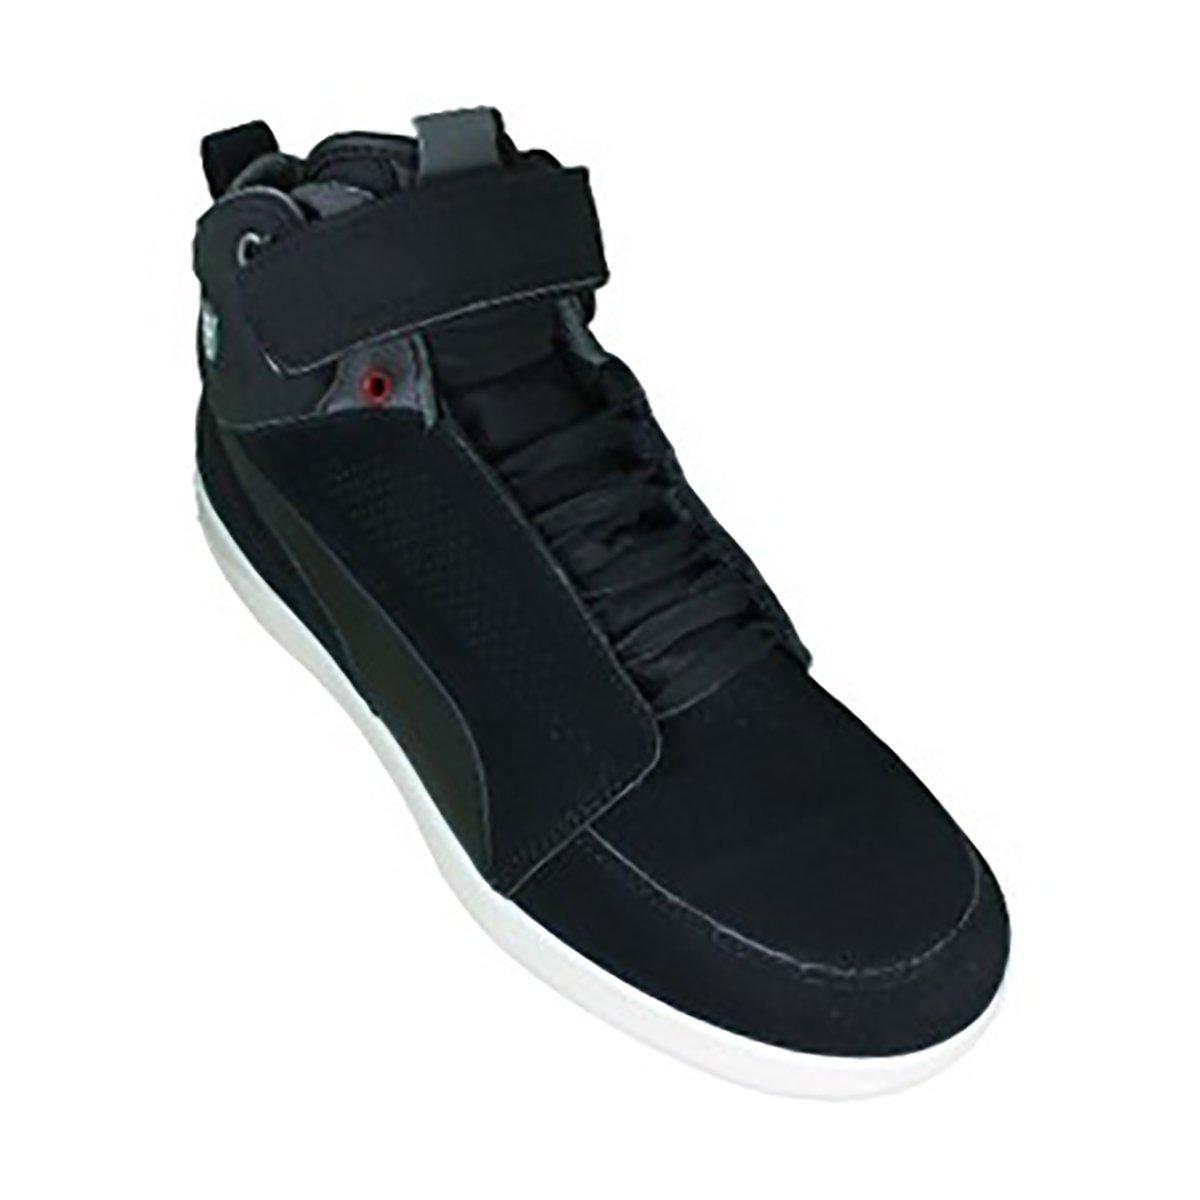 best service 08987 e516e Puma Rapido Sf Motor Ferrari Men's Black Suede Sneakers ...